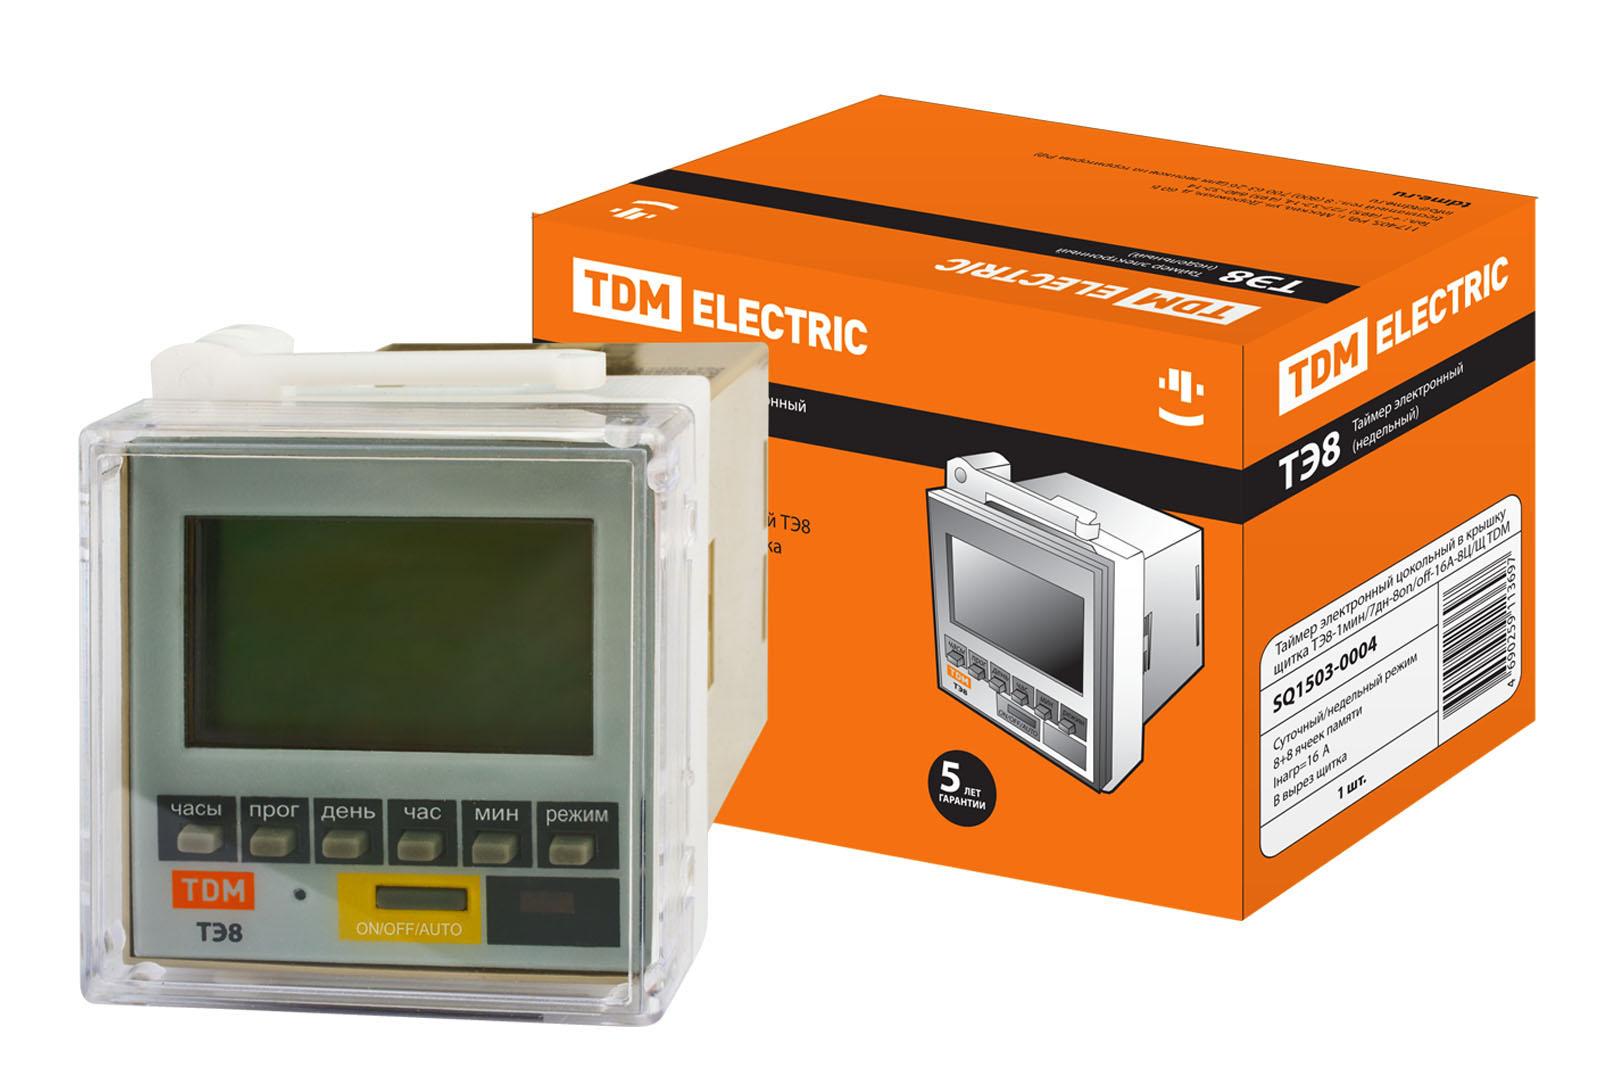 Таймер электронный цокольный в крышку щитка ТЭ8-1мин/7дн-8on/off-16А-8Ц/Щ TDM SQ1503-0004 TDM Electric